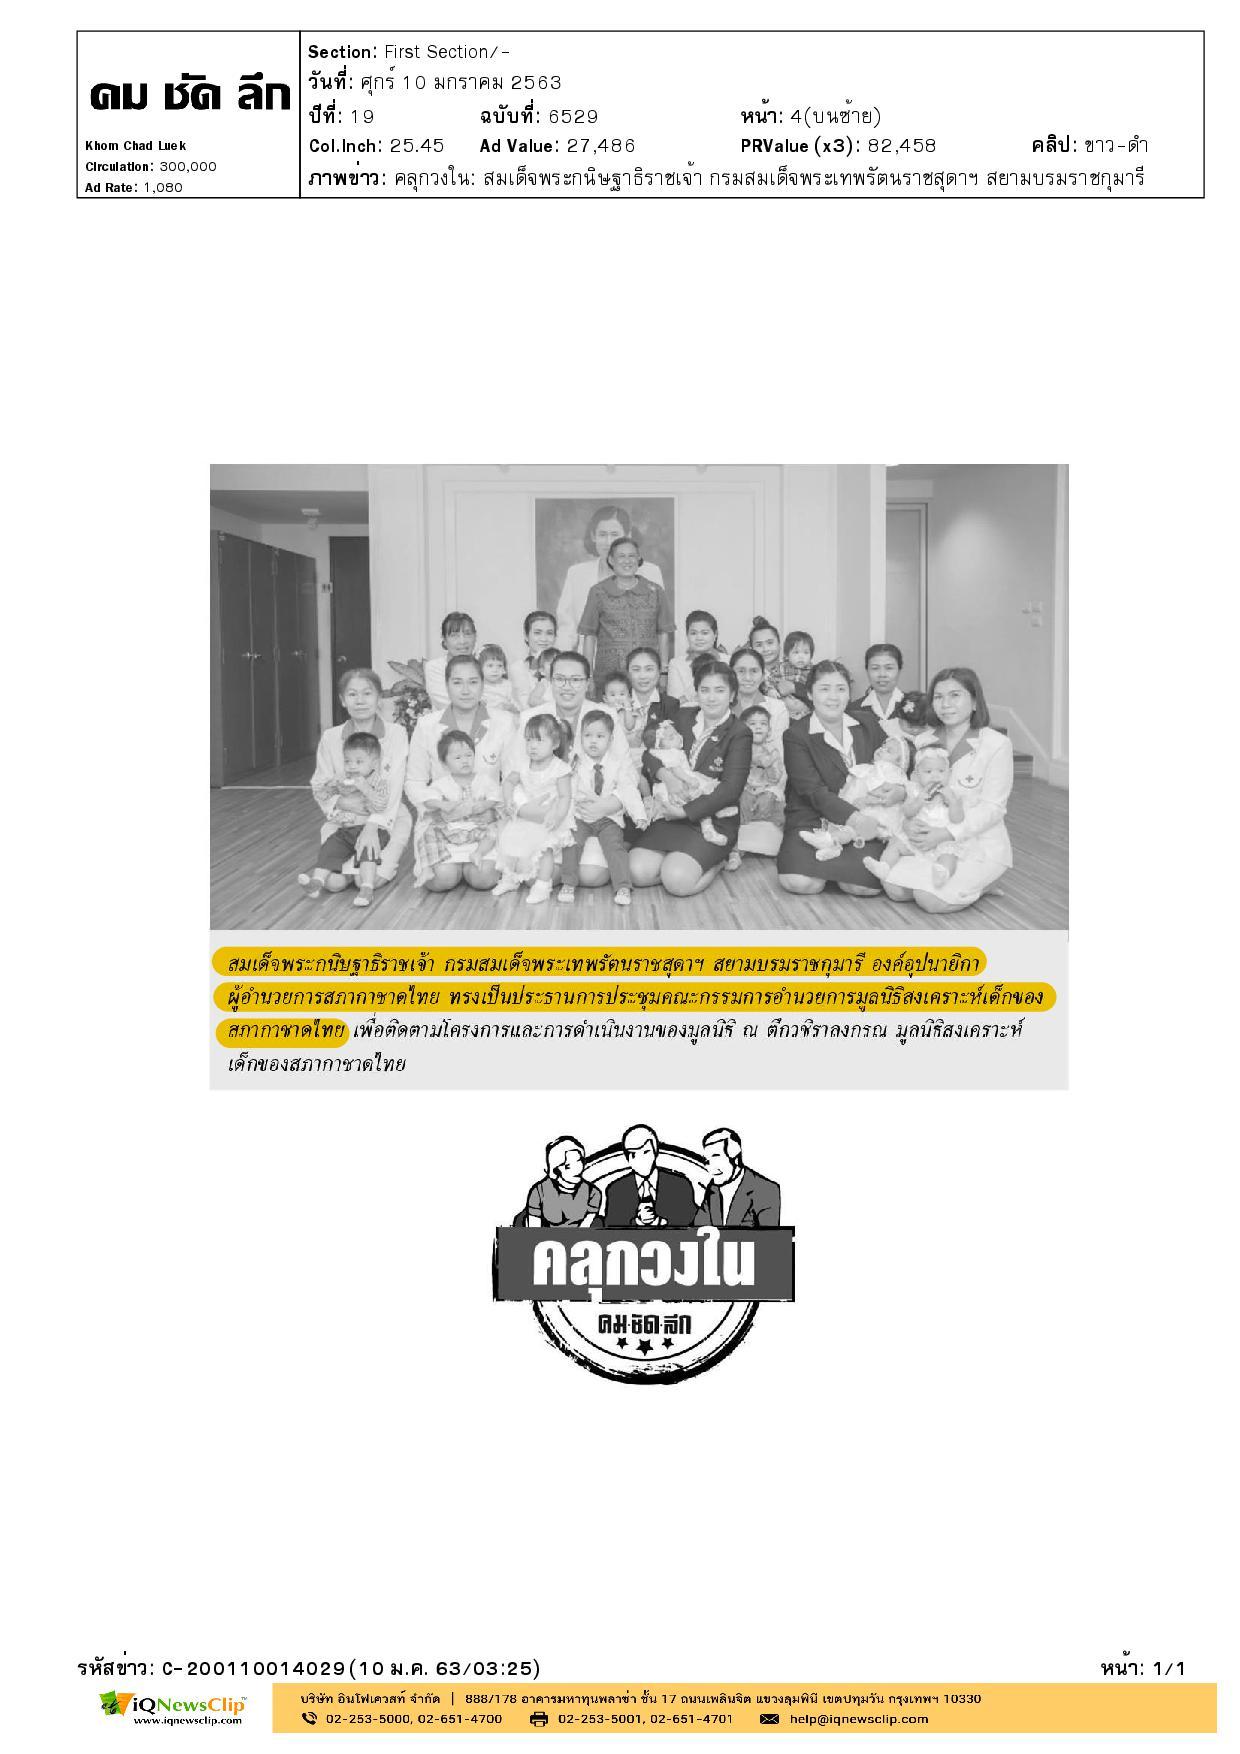 การประชุมคณะกรรมการอำนวยการมูลนิธิสงเคราะห์เด็กของสภากาชาดไทย